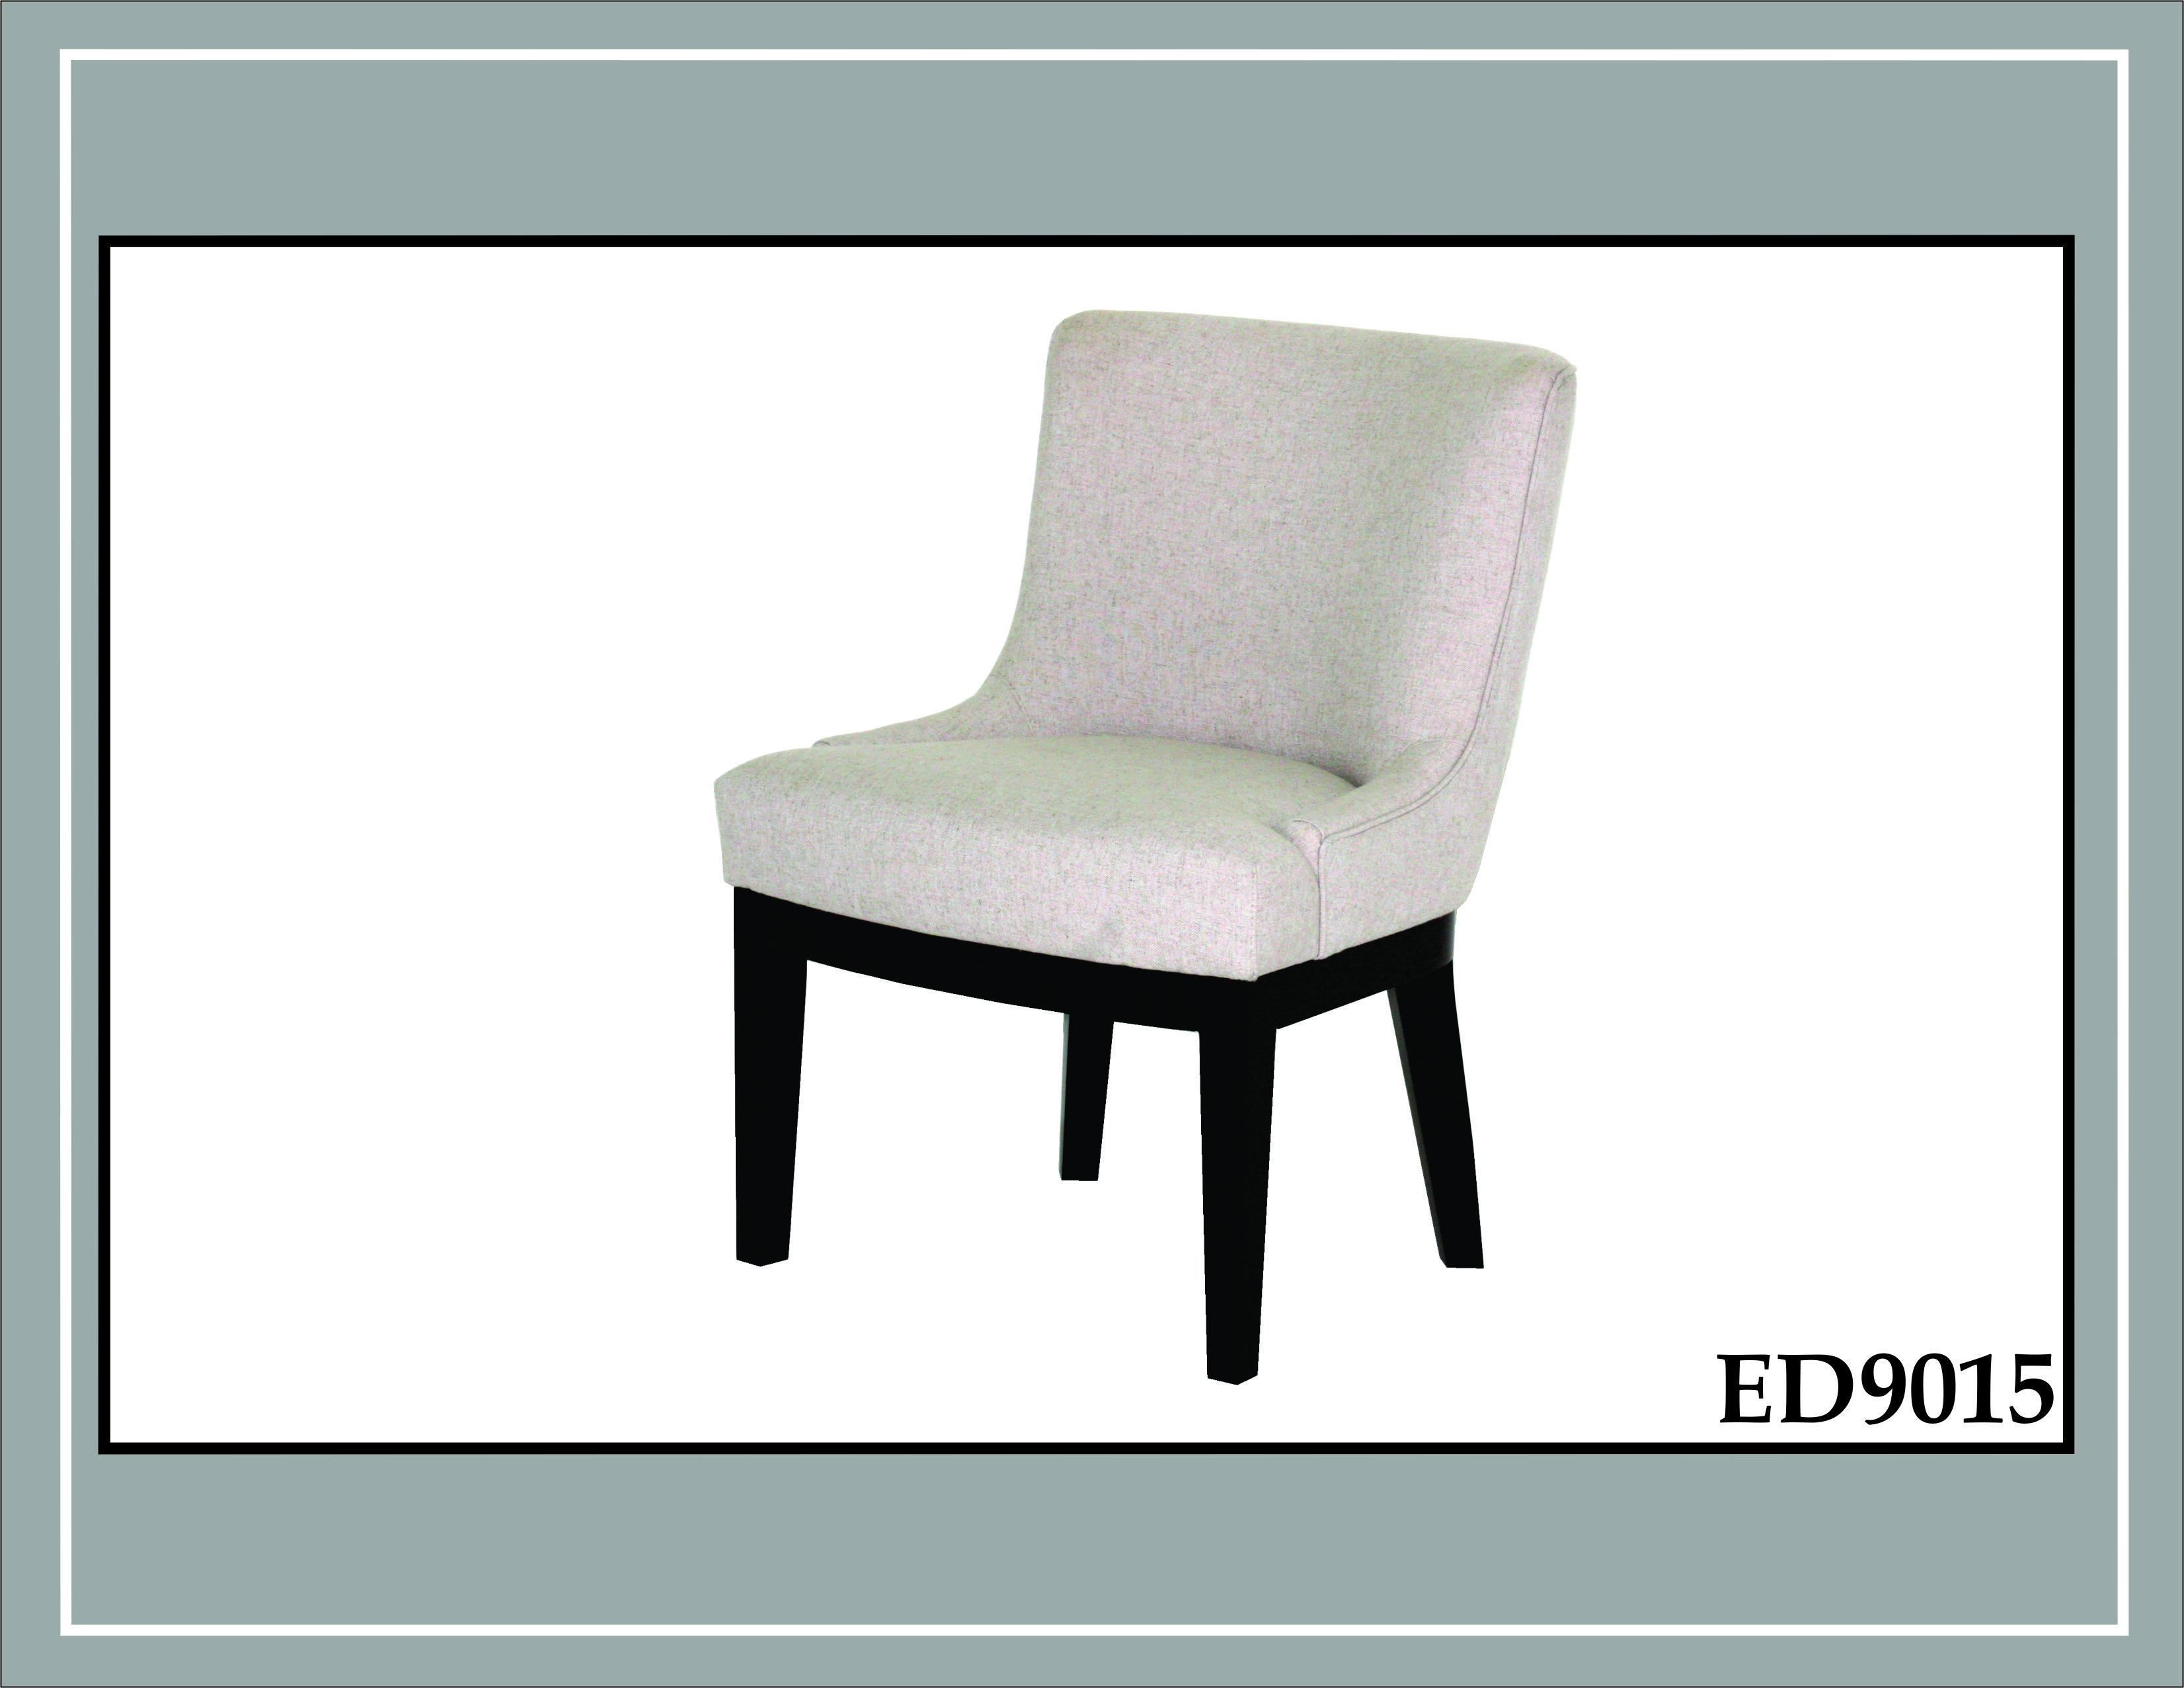 ED9015 CHAIR